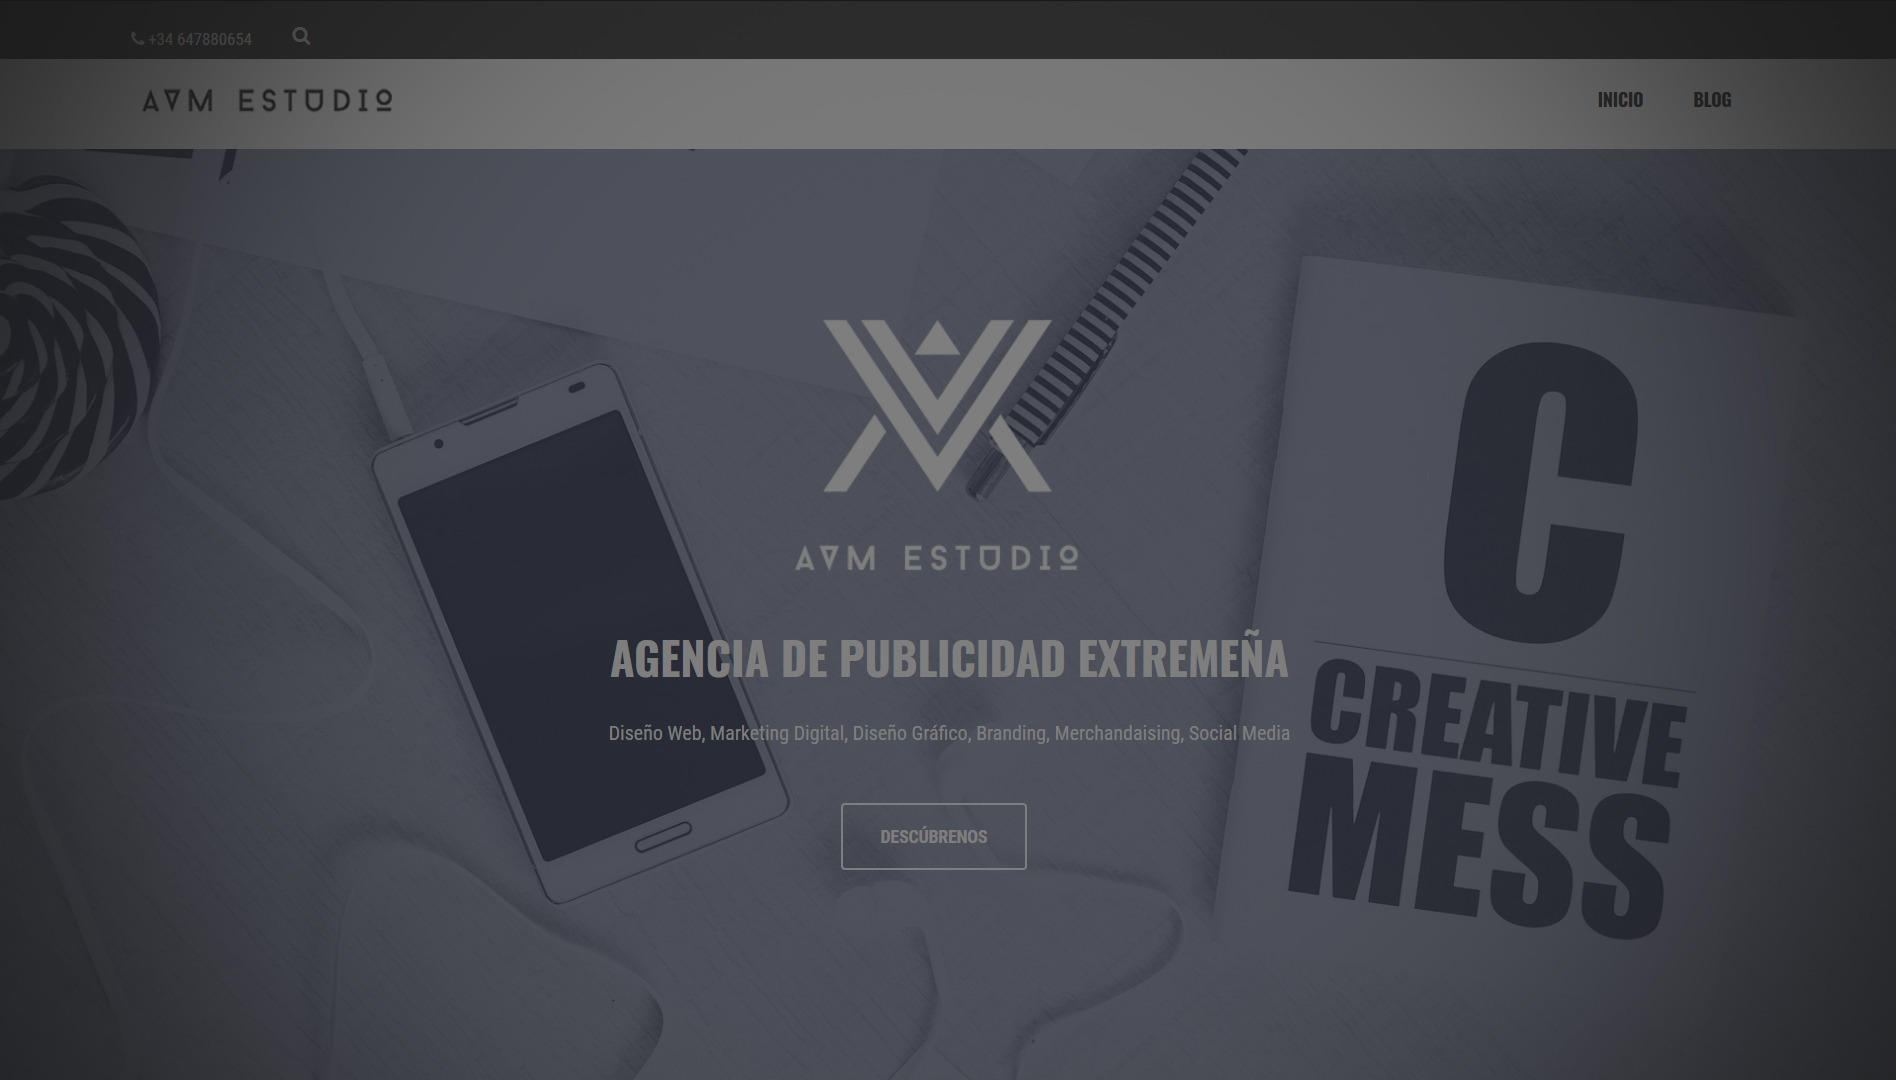 Nueva Web de AVMEstudio